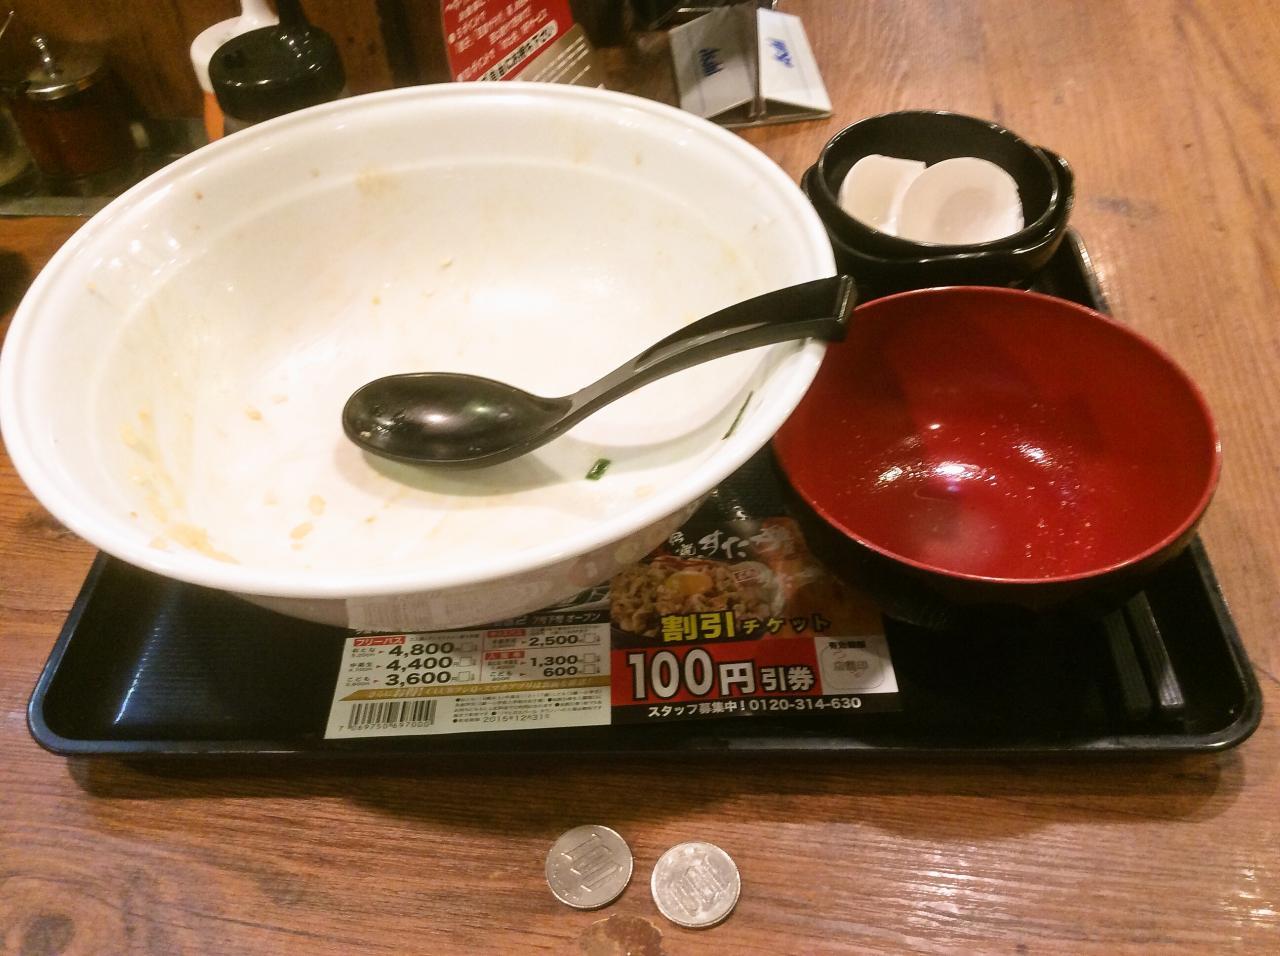 伝説のすた丼屋蒲田店(大盛りすた丼)